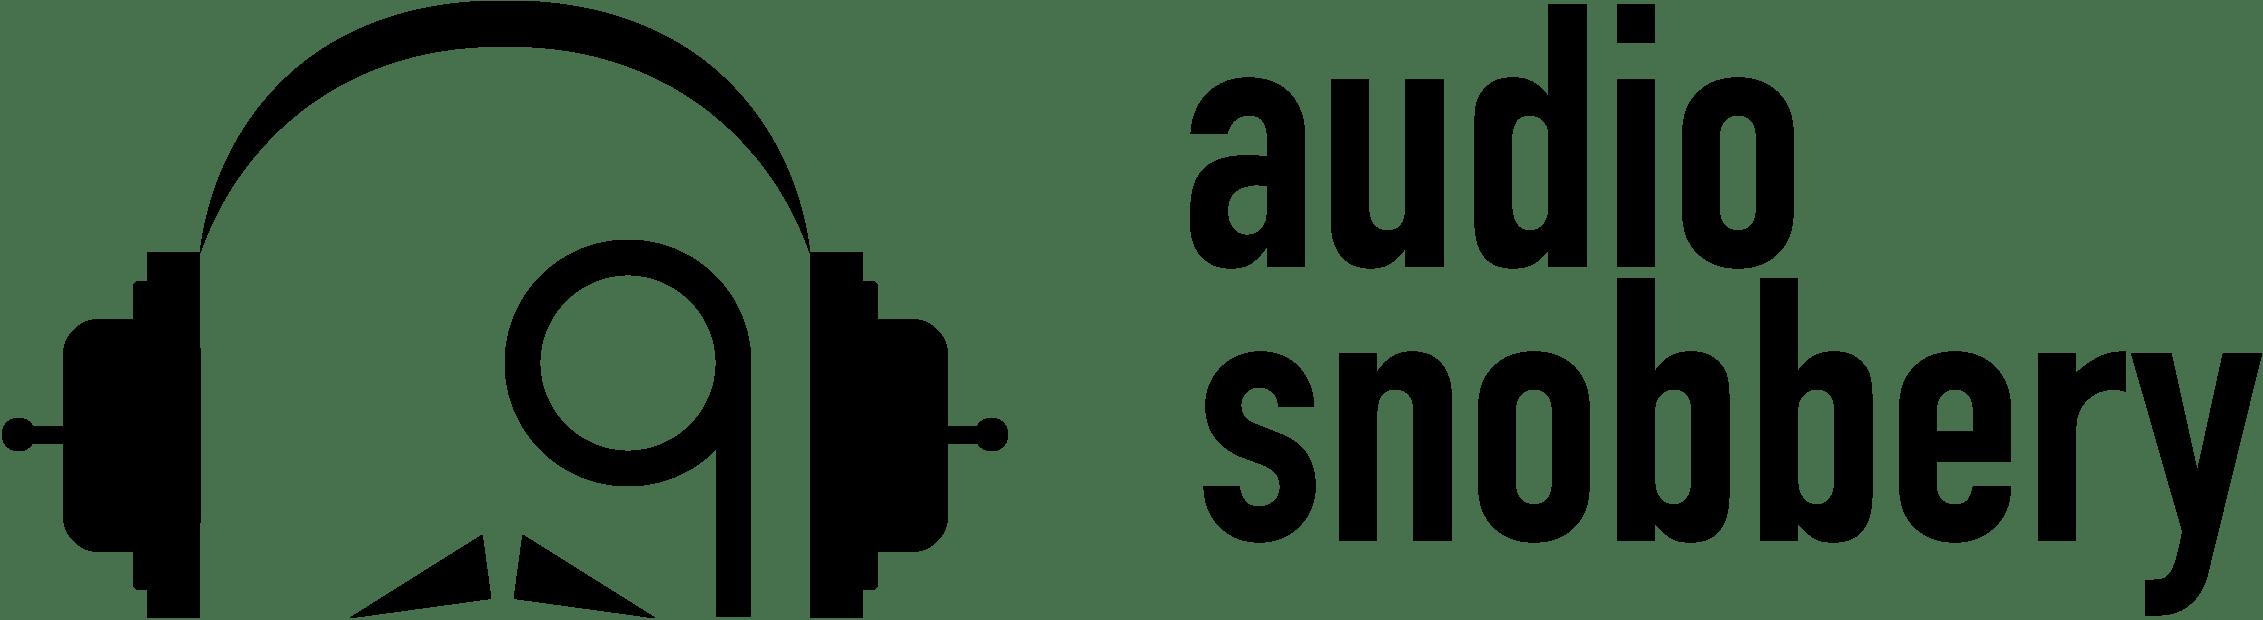 Audio Snobbery